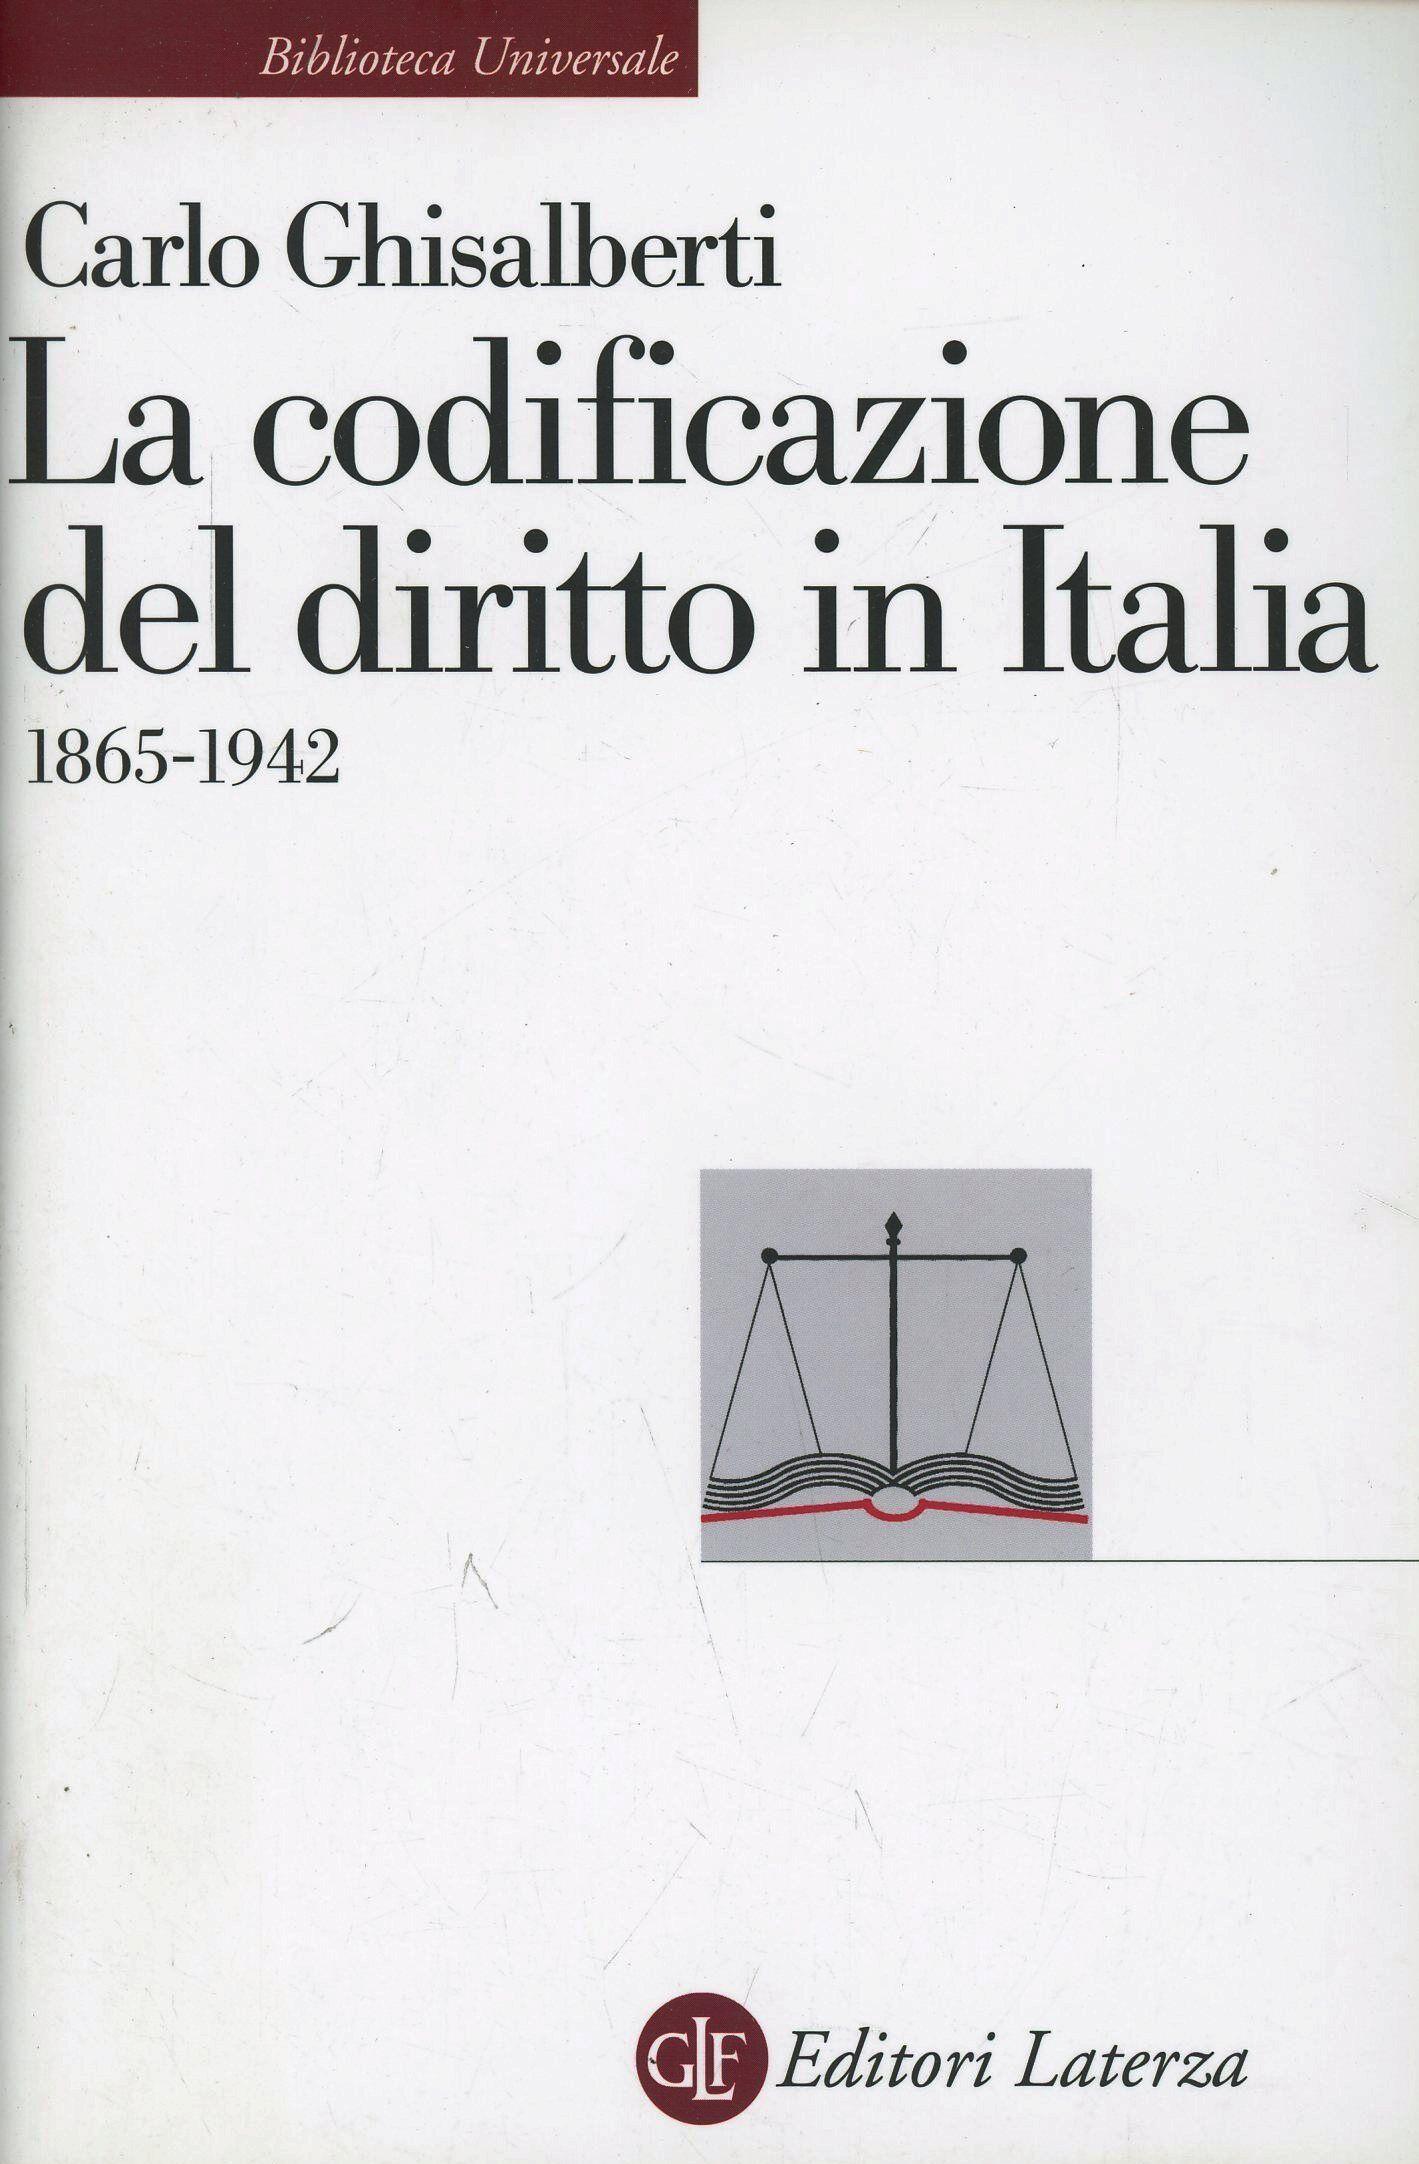 La codificazione del diritto in Italia (1865-1942)